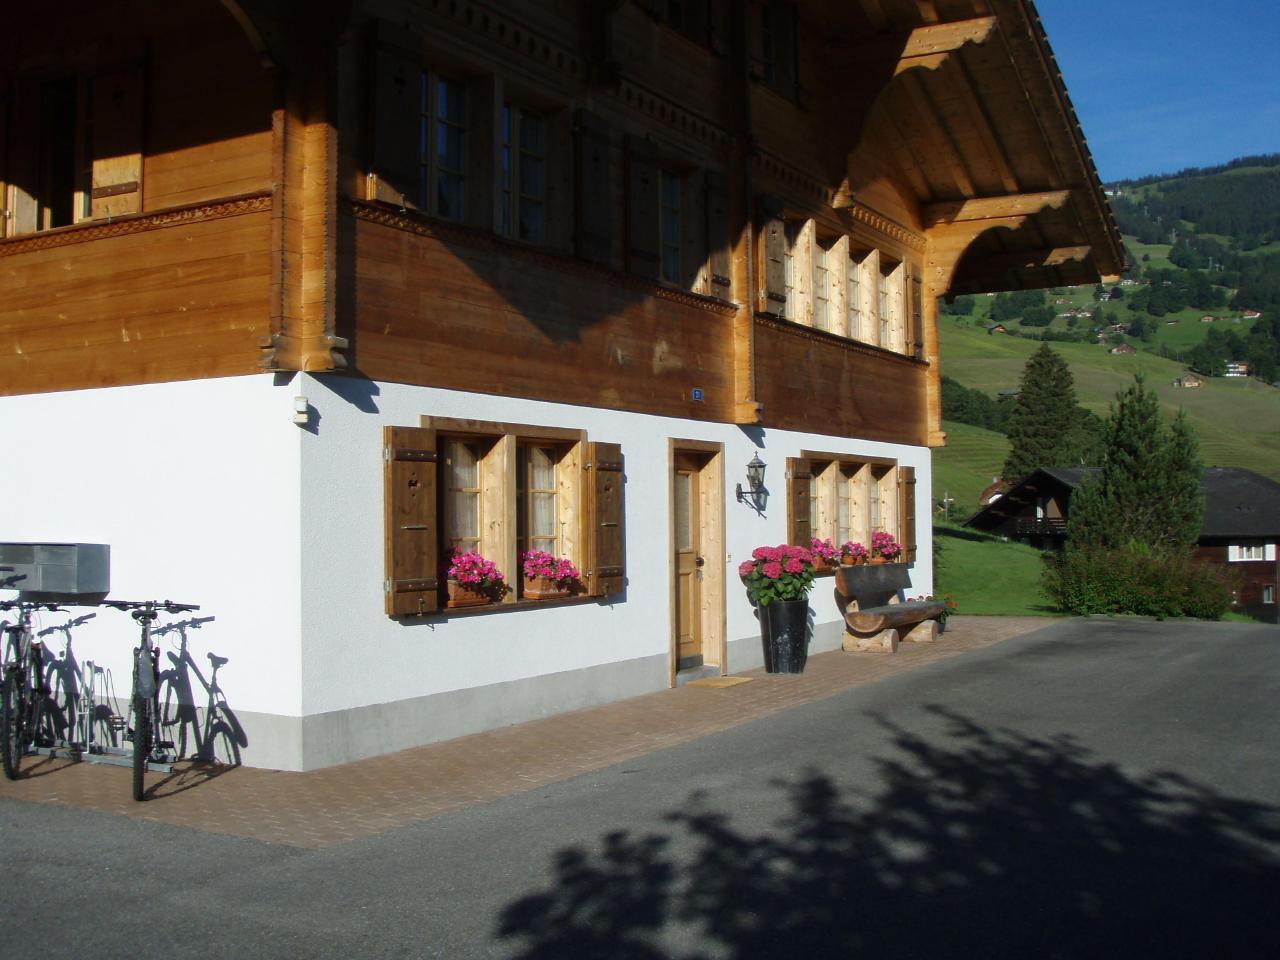 Appartement de vacances Asterix 2 Bett Wohnung (2691730), Grindelwald, Région de la Jungfrau, Oberland bernois, Suisse, image 5